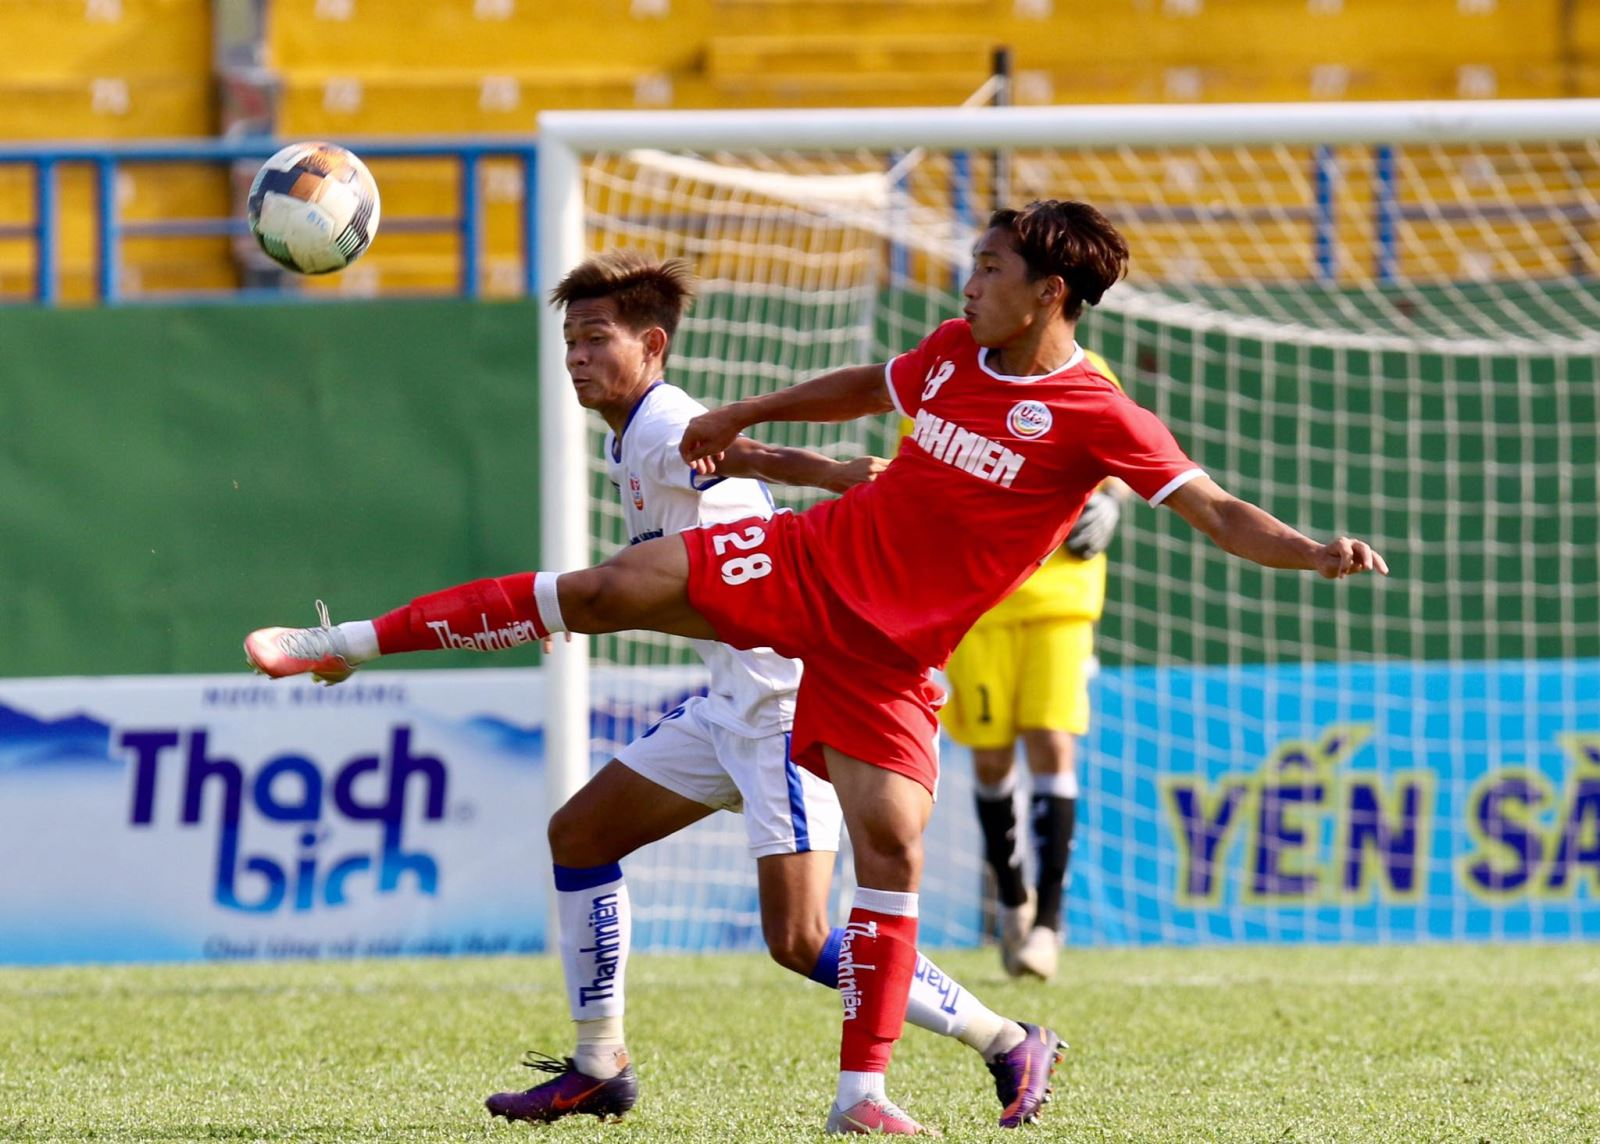 PVF dễ dàng vào chung kết U19 QG 2021 sau chiến thắng 3-0 trước An Giang chiều 13-4. Ảnh: Khả Hòa